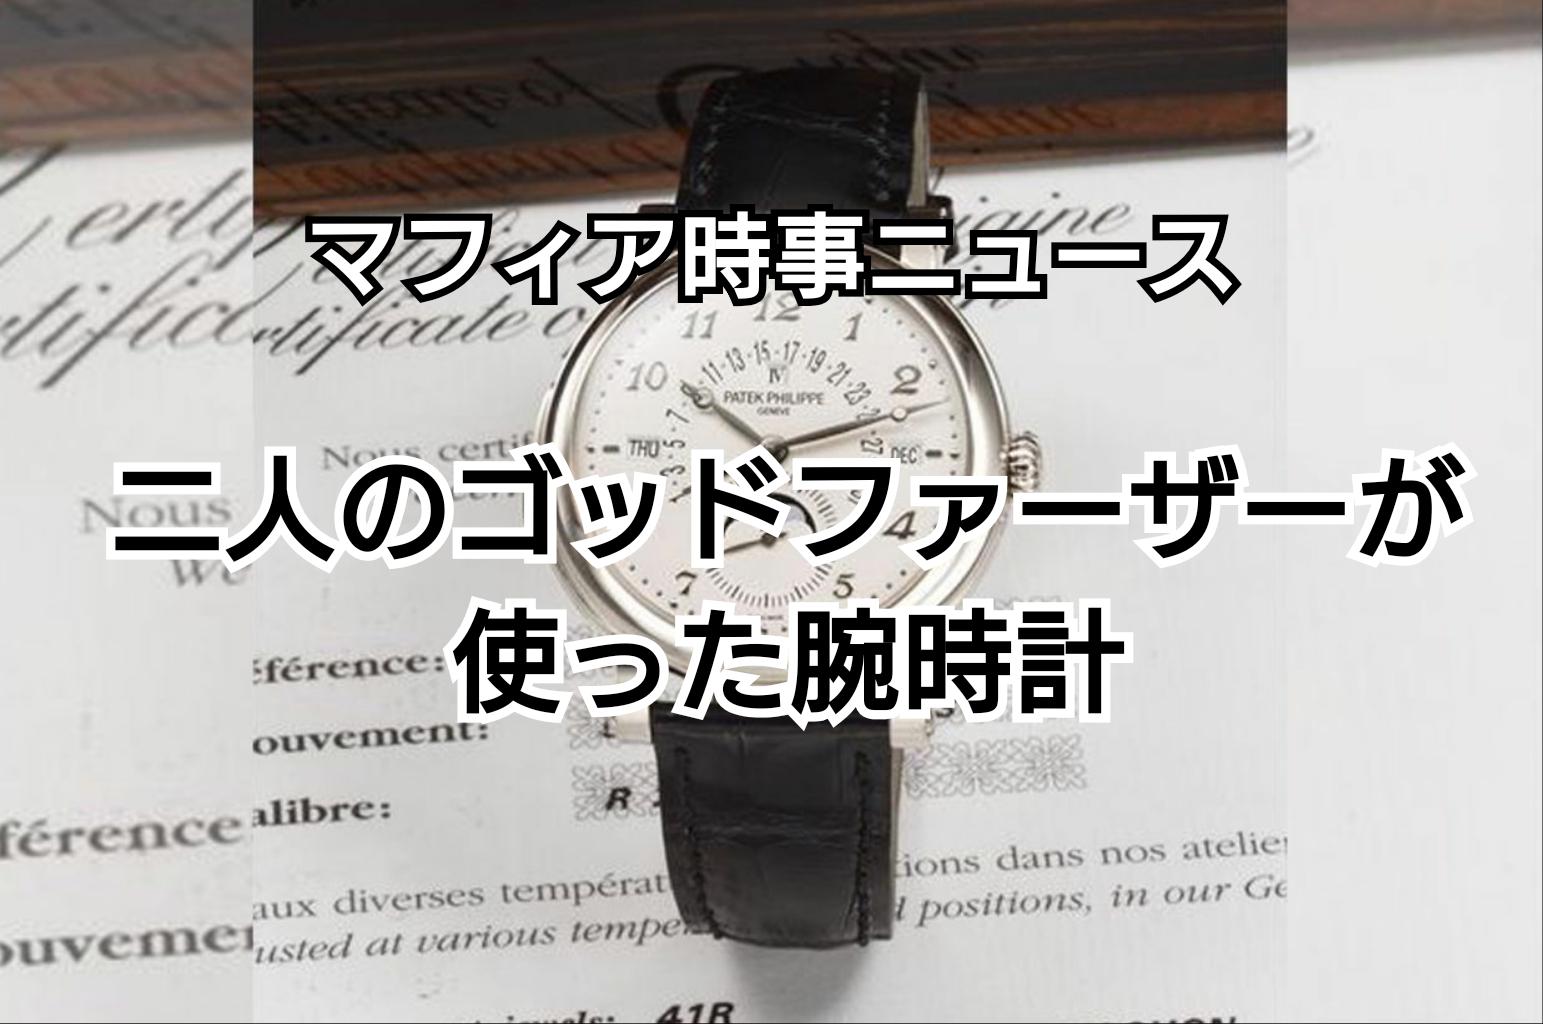 二人のゴッドファーザーが使った腕時計